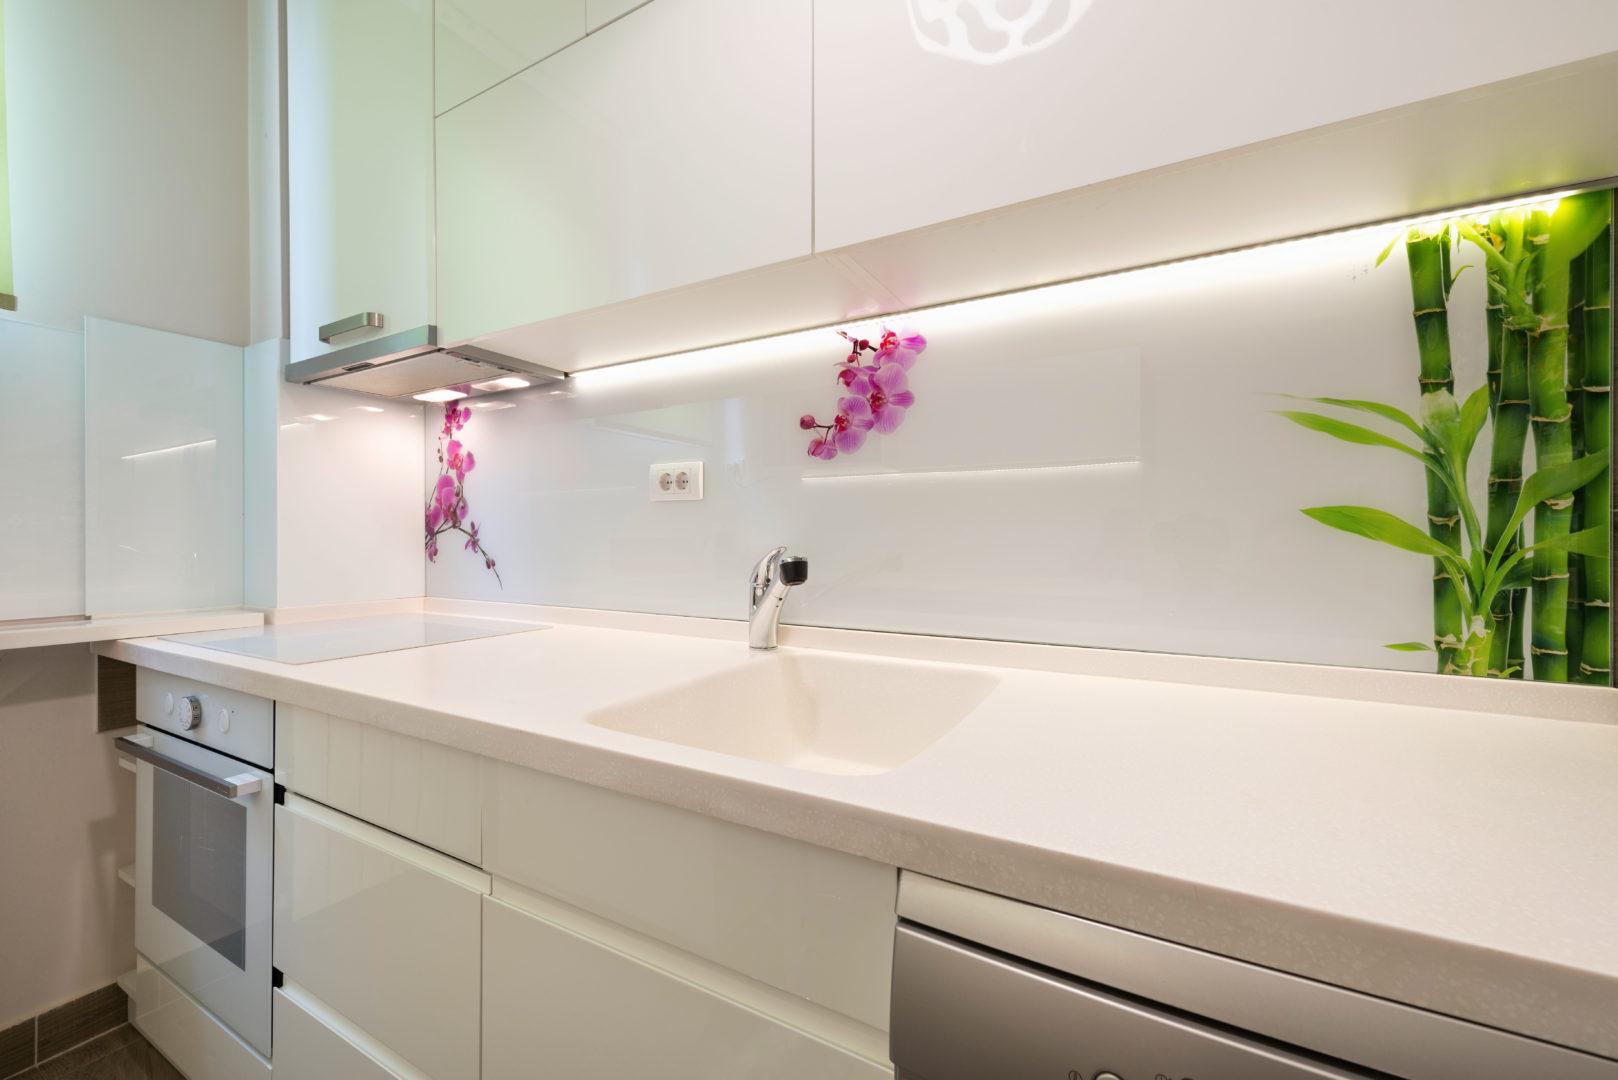 Pannelli Per Dietro Cucina paraschizzi cucina: 60 idee per la tua cucina moderna